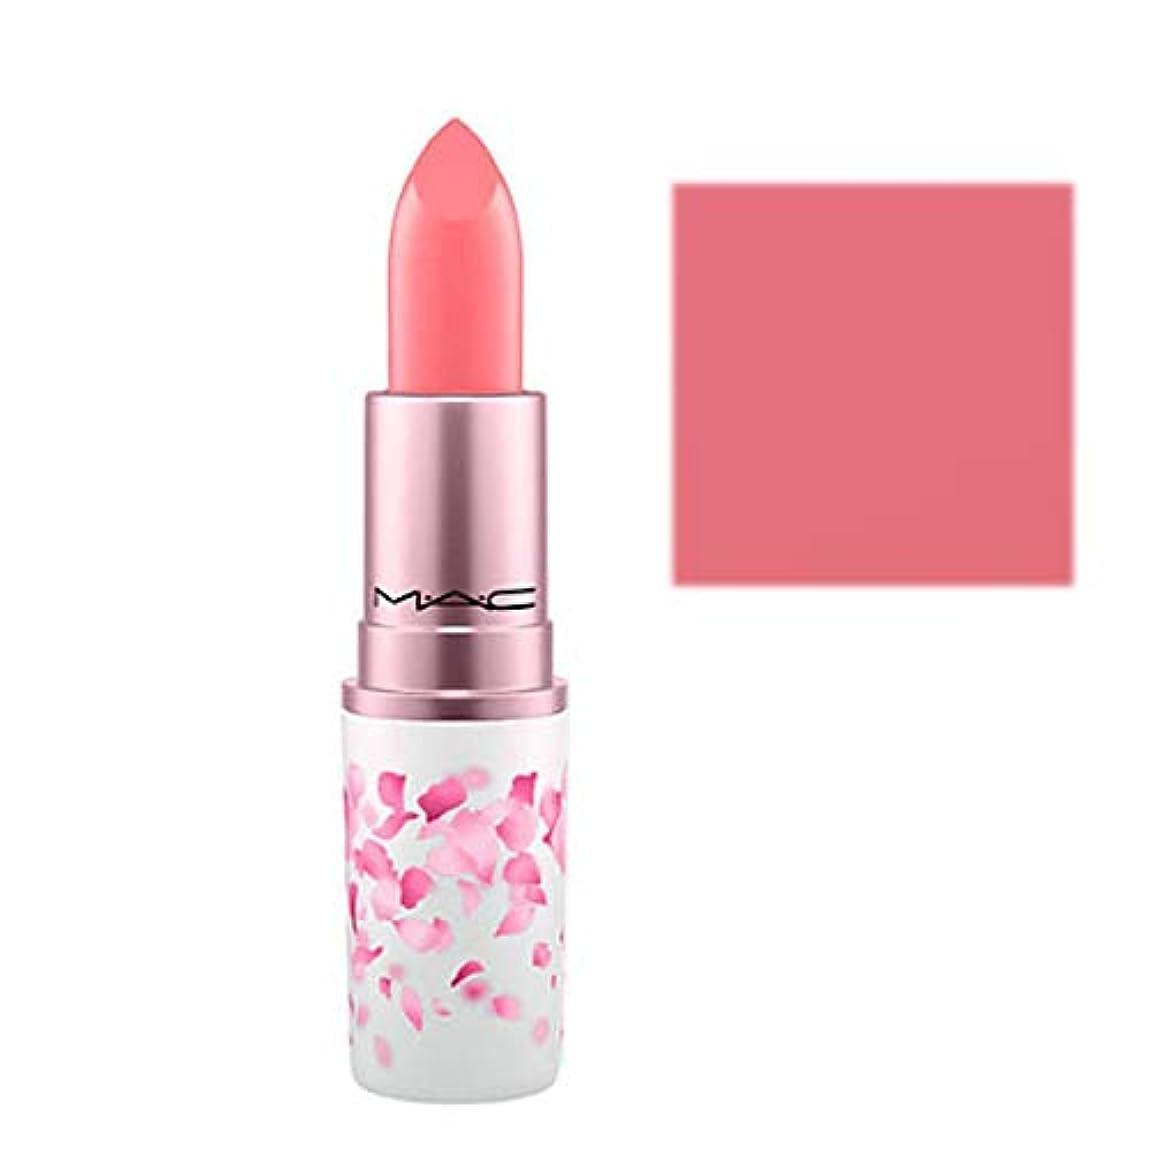 旧正月認知デザートM.A.C ?マック, 限定版, 2019 Spring, Lipstick/Boom, Boom, Bloom - Hi-Fructease [海外直送品] [並行輸入品]